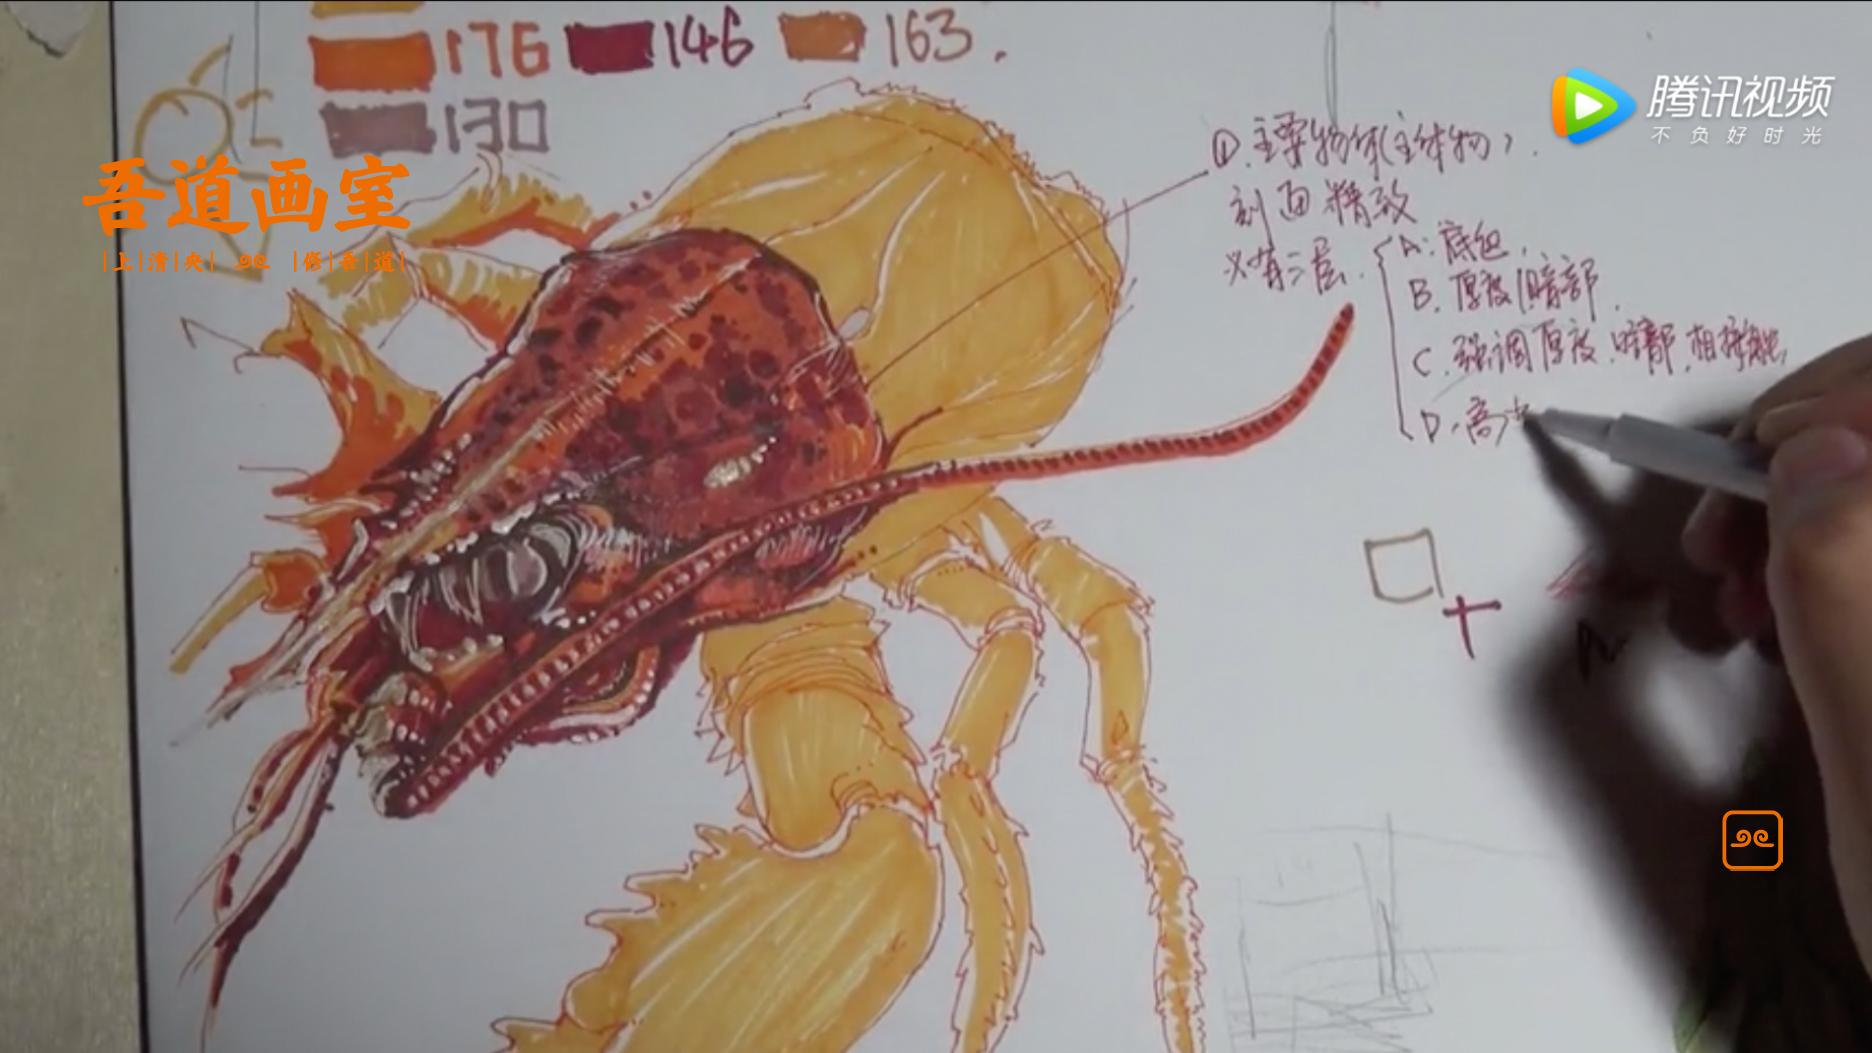 设计类单体塑造《龙虾局部》-示范吾道画室